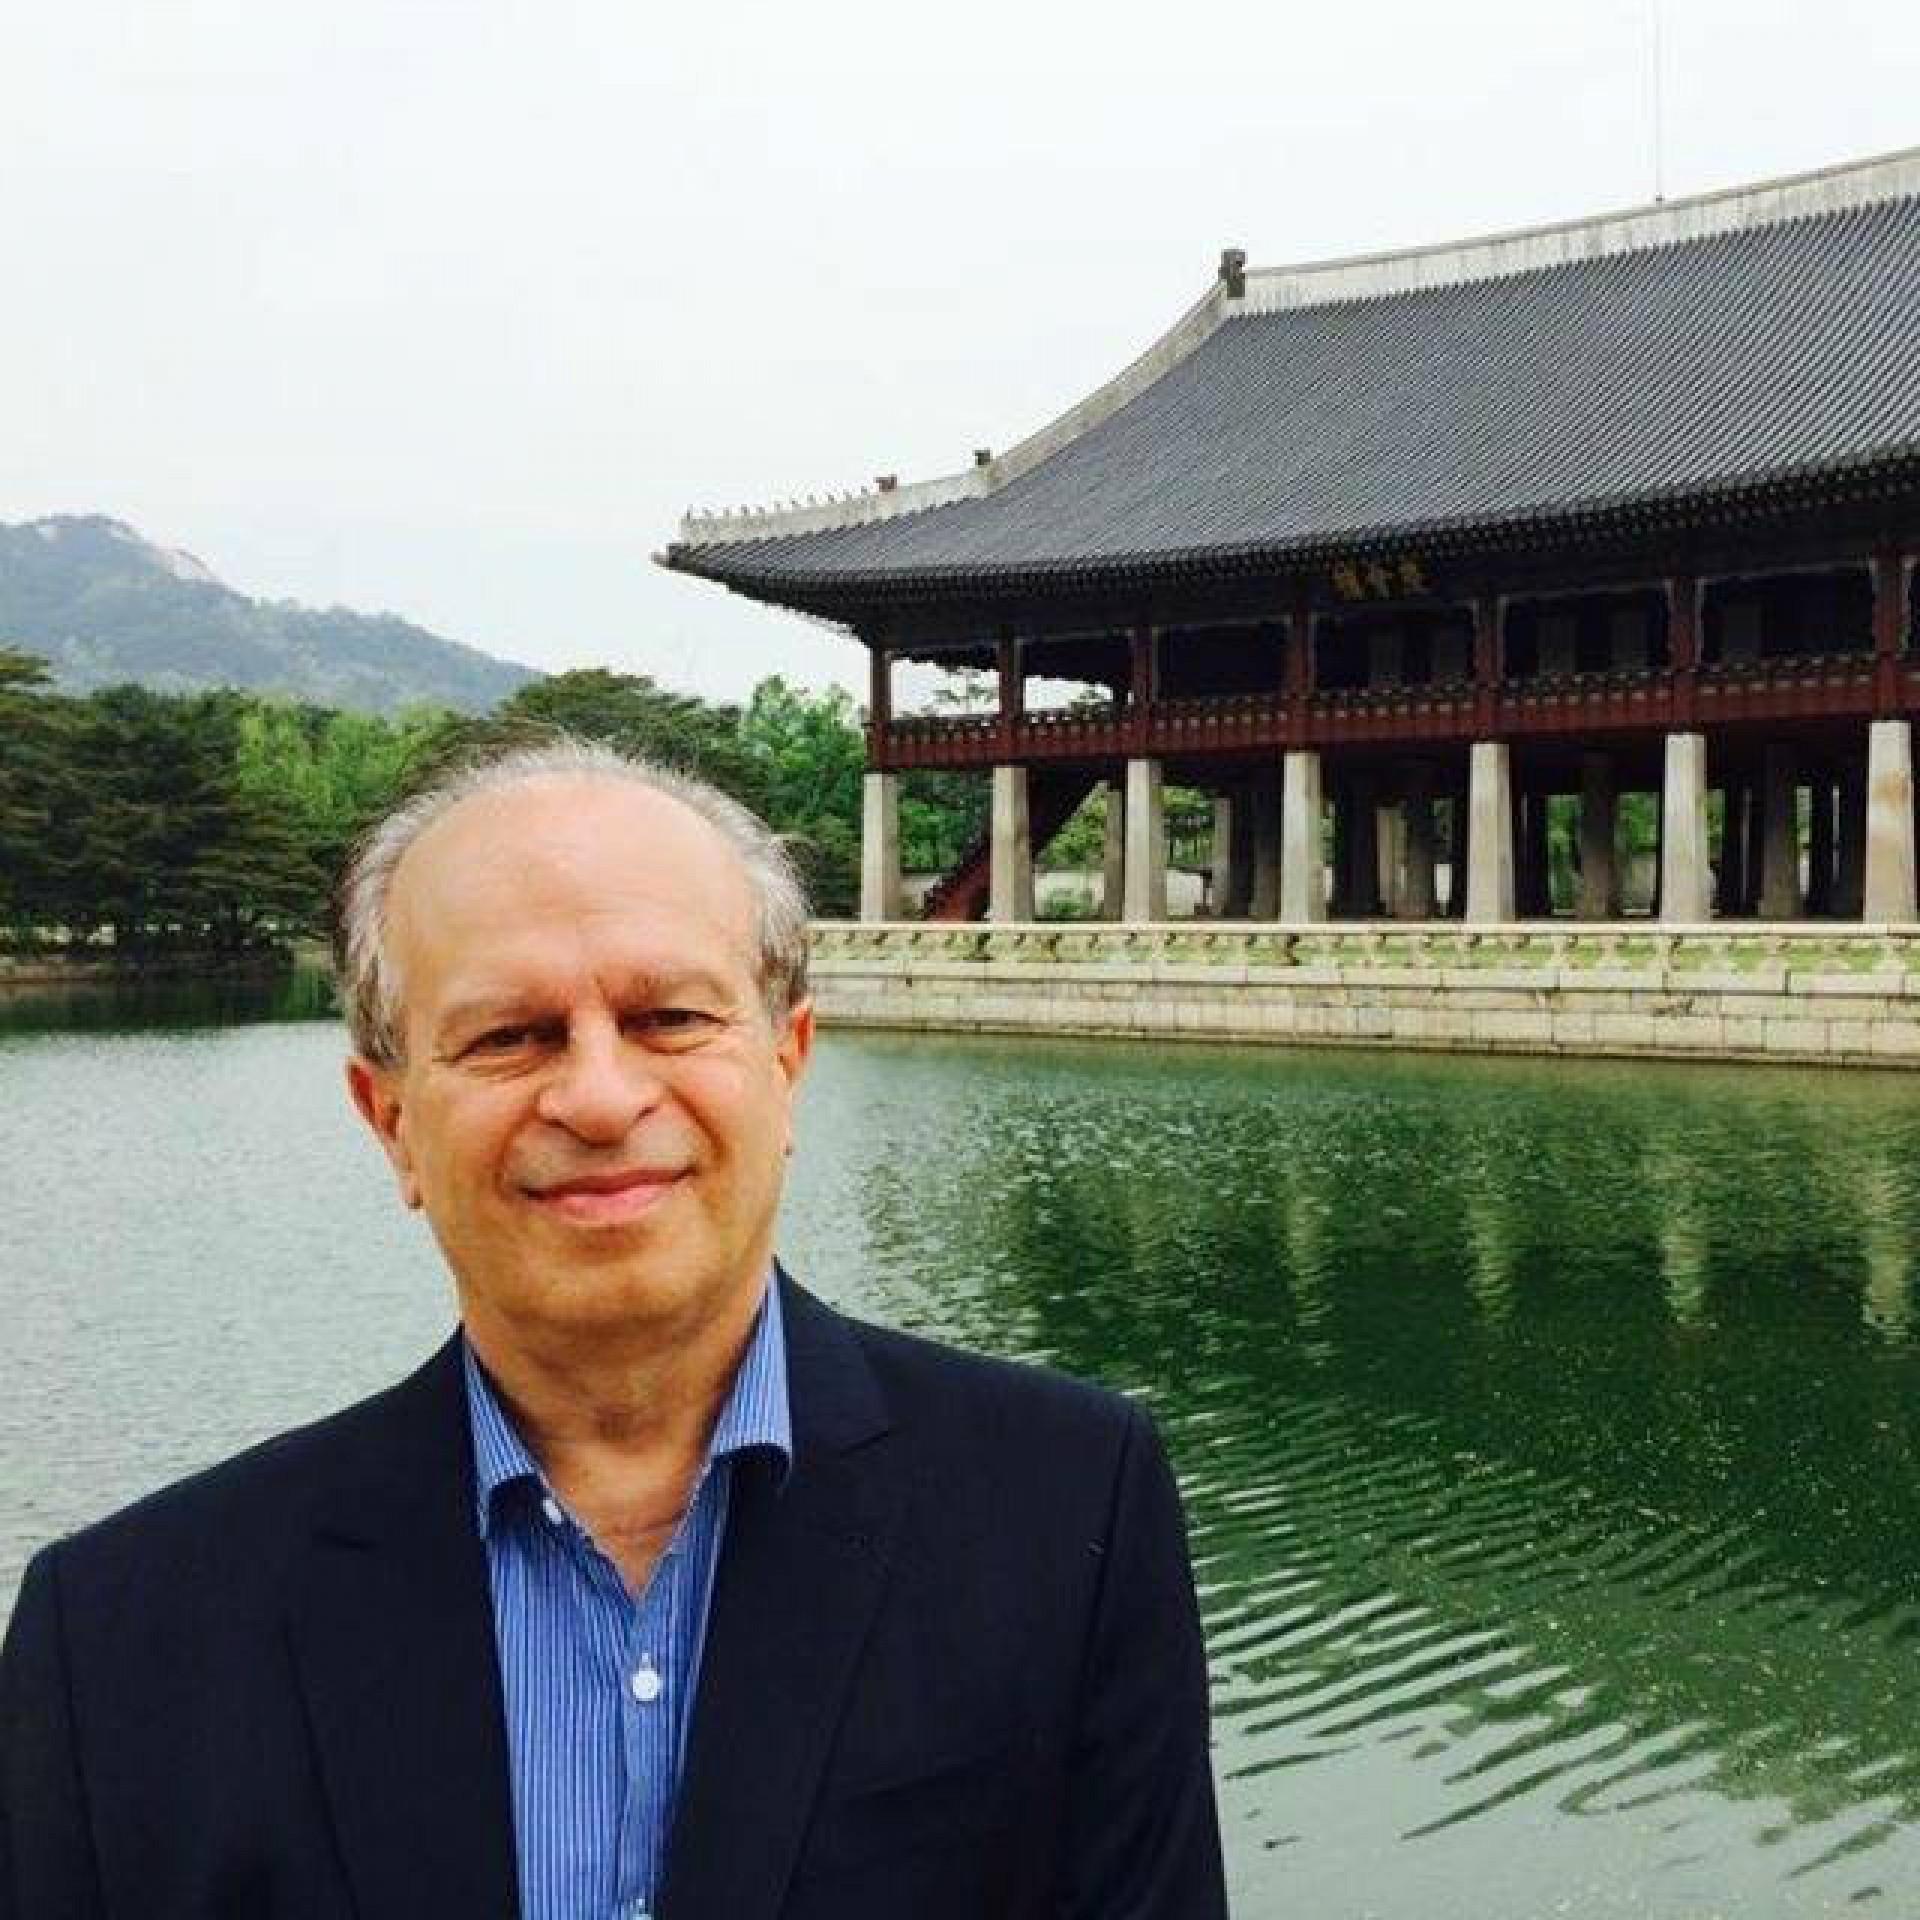 Renato Janine Ribeiro, doutor em Filosofia, professor da Universidade de São Paulo (USP) e ex-ministro da Educação